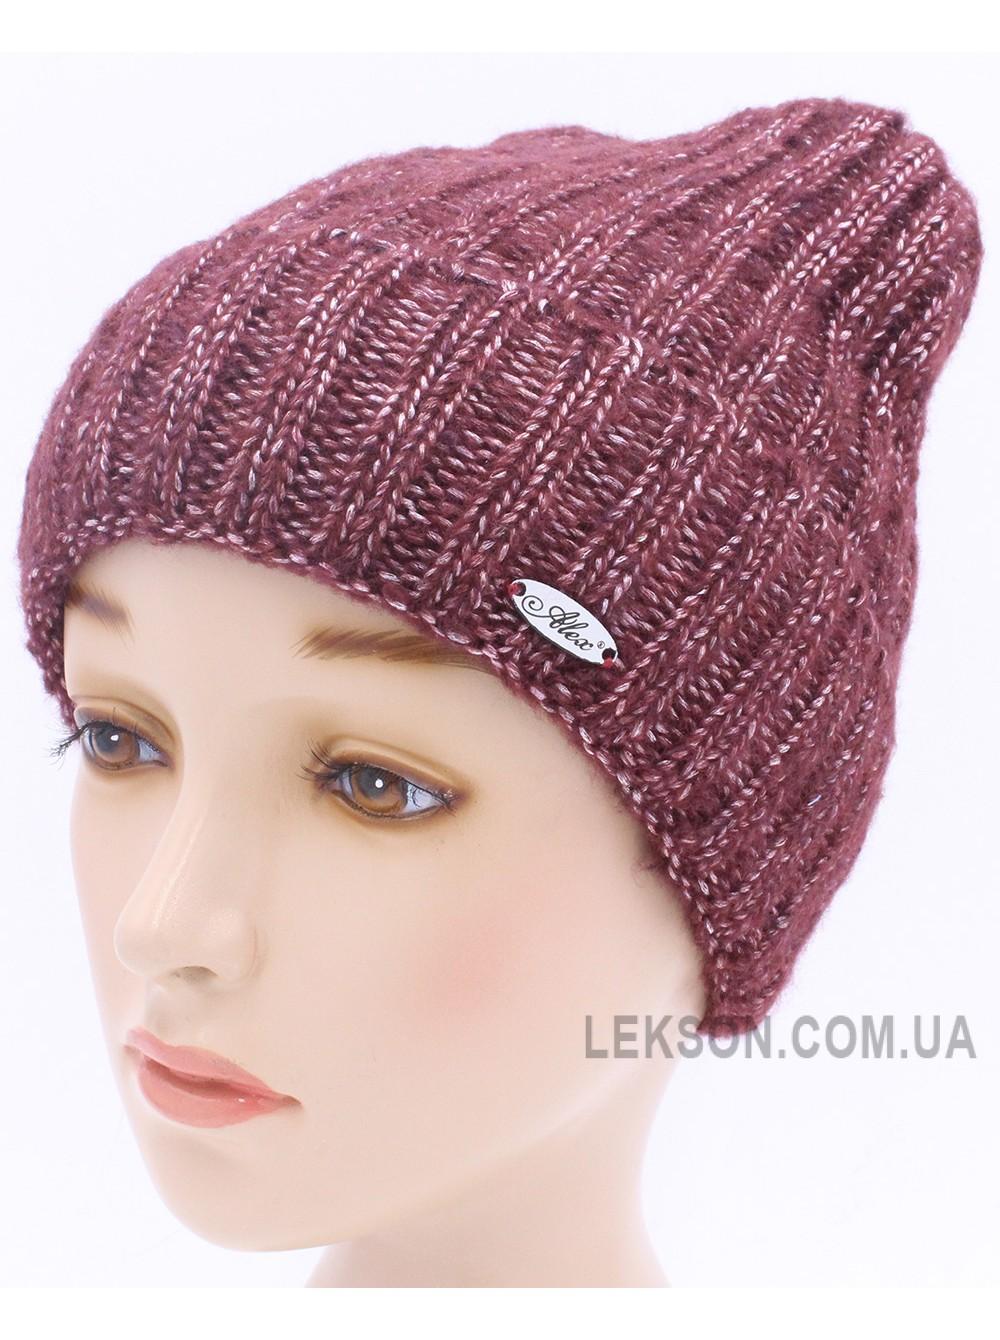 Детская вязаная шапка Ассоль W20326-52-56